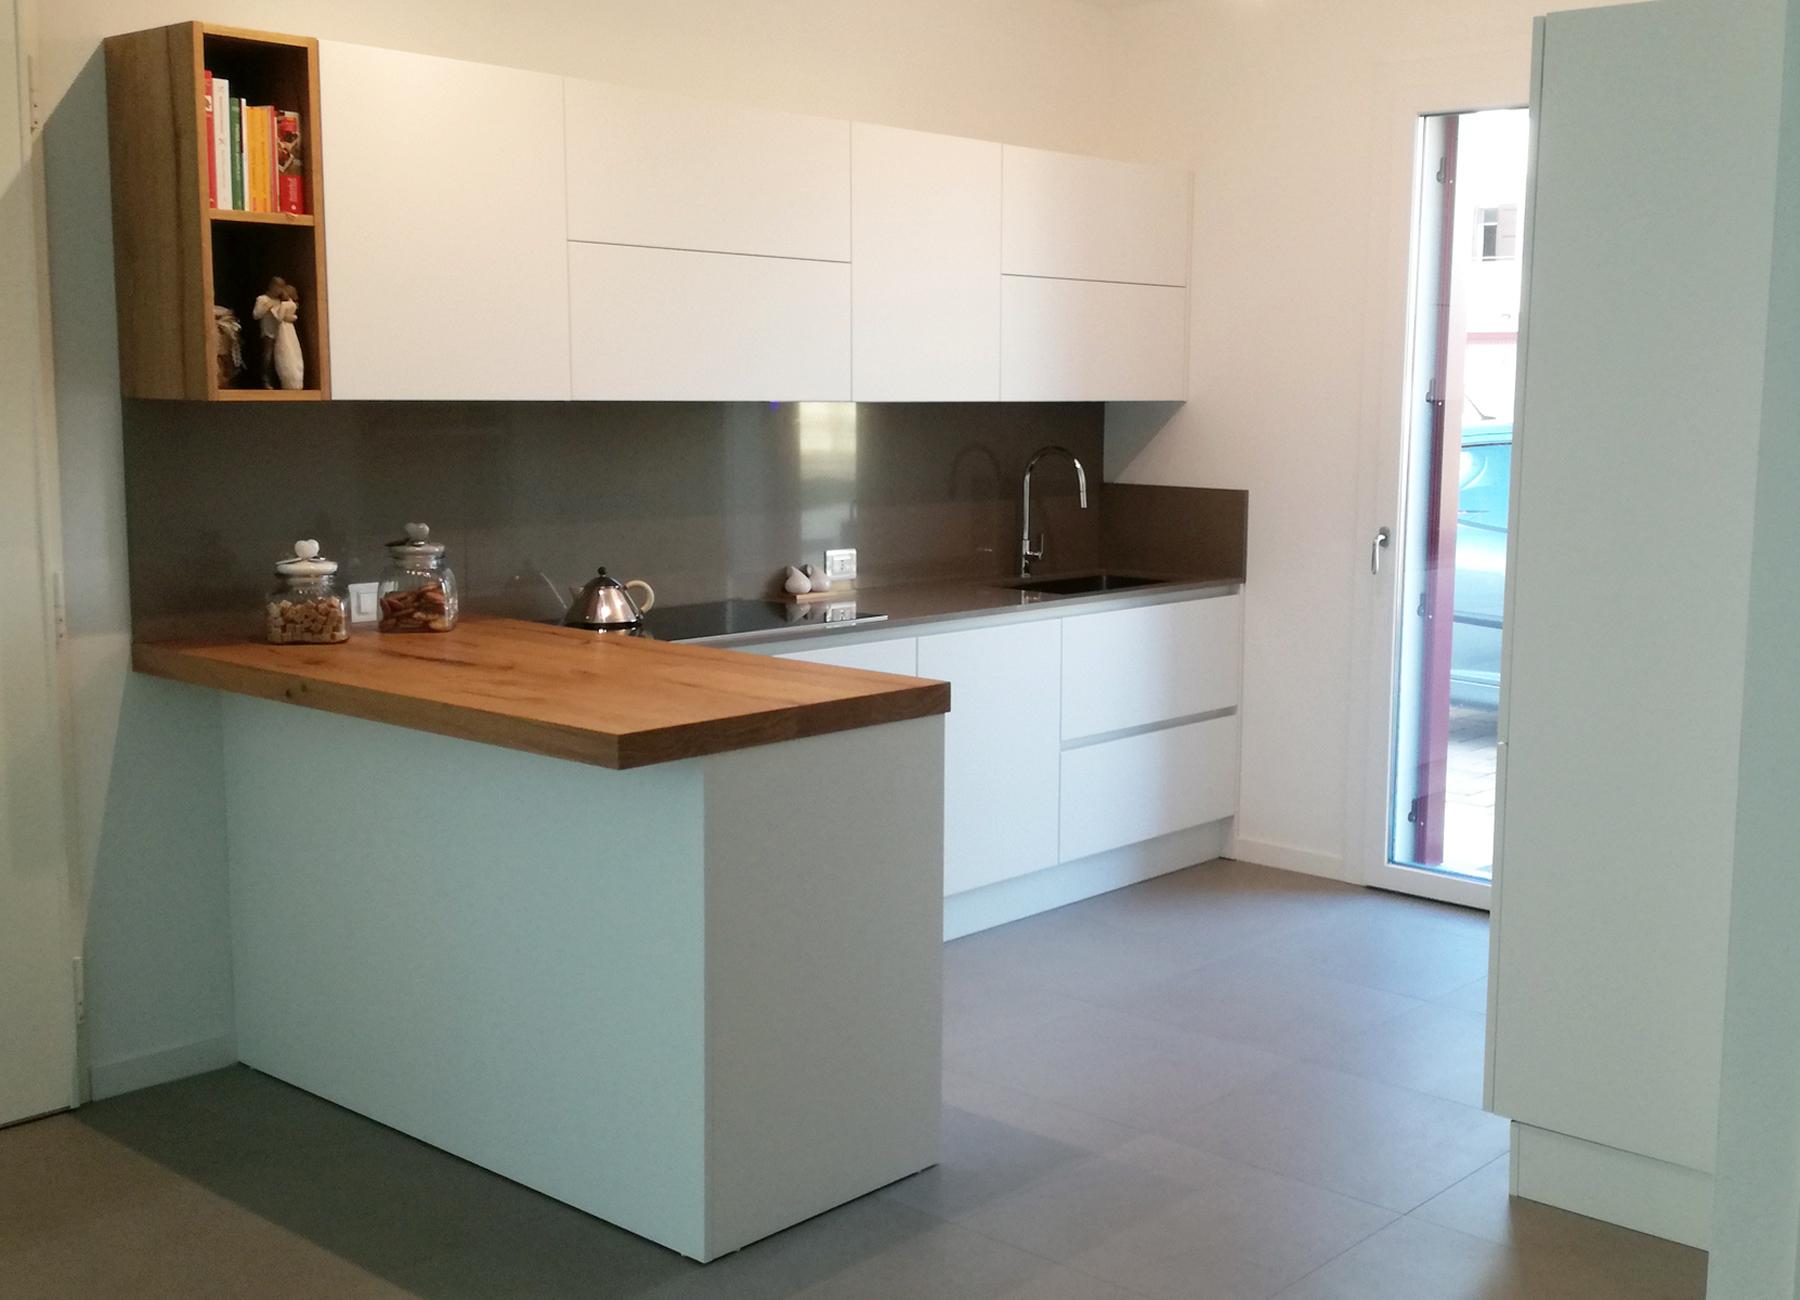 Cucina laccato bianco con top taupe e penisola in legno for Cucina legno bianco